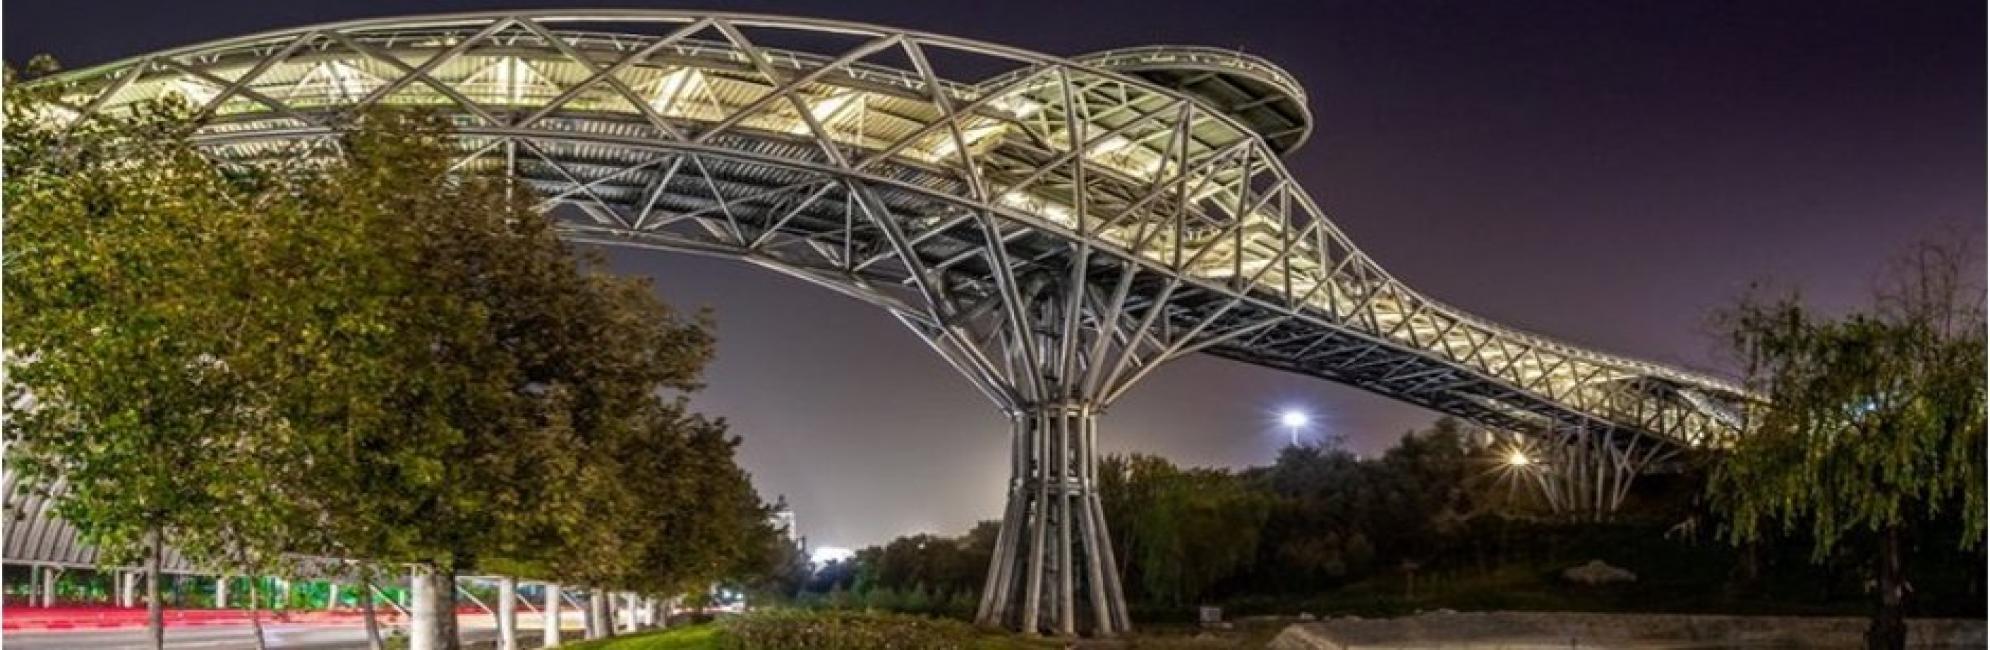 کنترل طراحی و محاسبات سازه پل طبیعت تهران